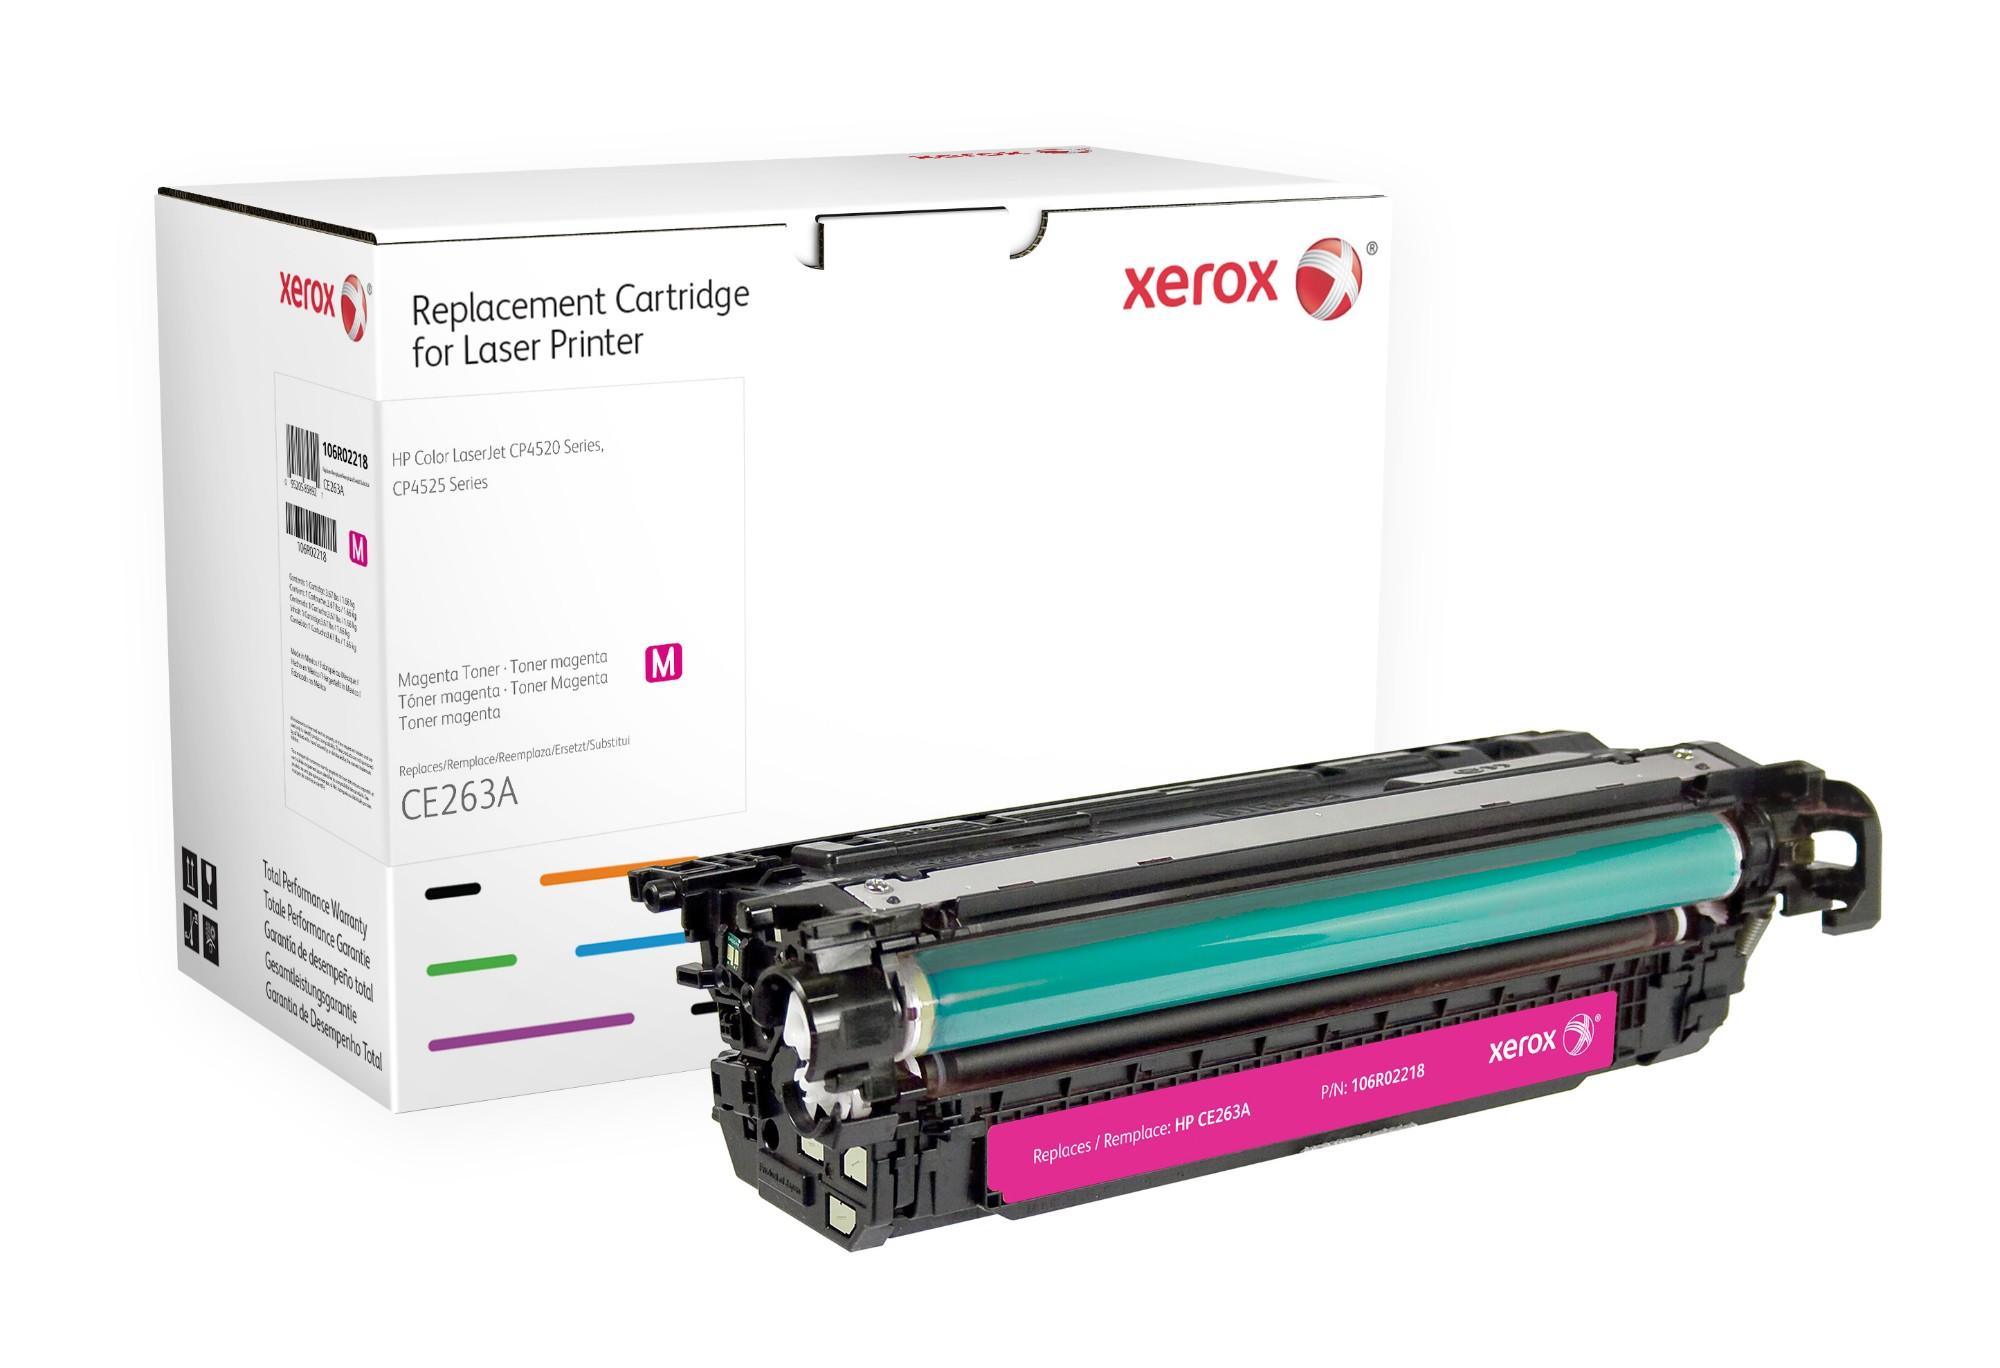 Xerox Cartucho de tóner magenta. Equivalente a HP CE263A. Compatible con HP Colour LaserJet CM4540 MFP, Colour LaserJet CP4025, Colour LaserJet CP4525